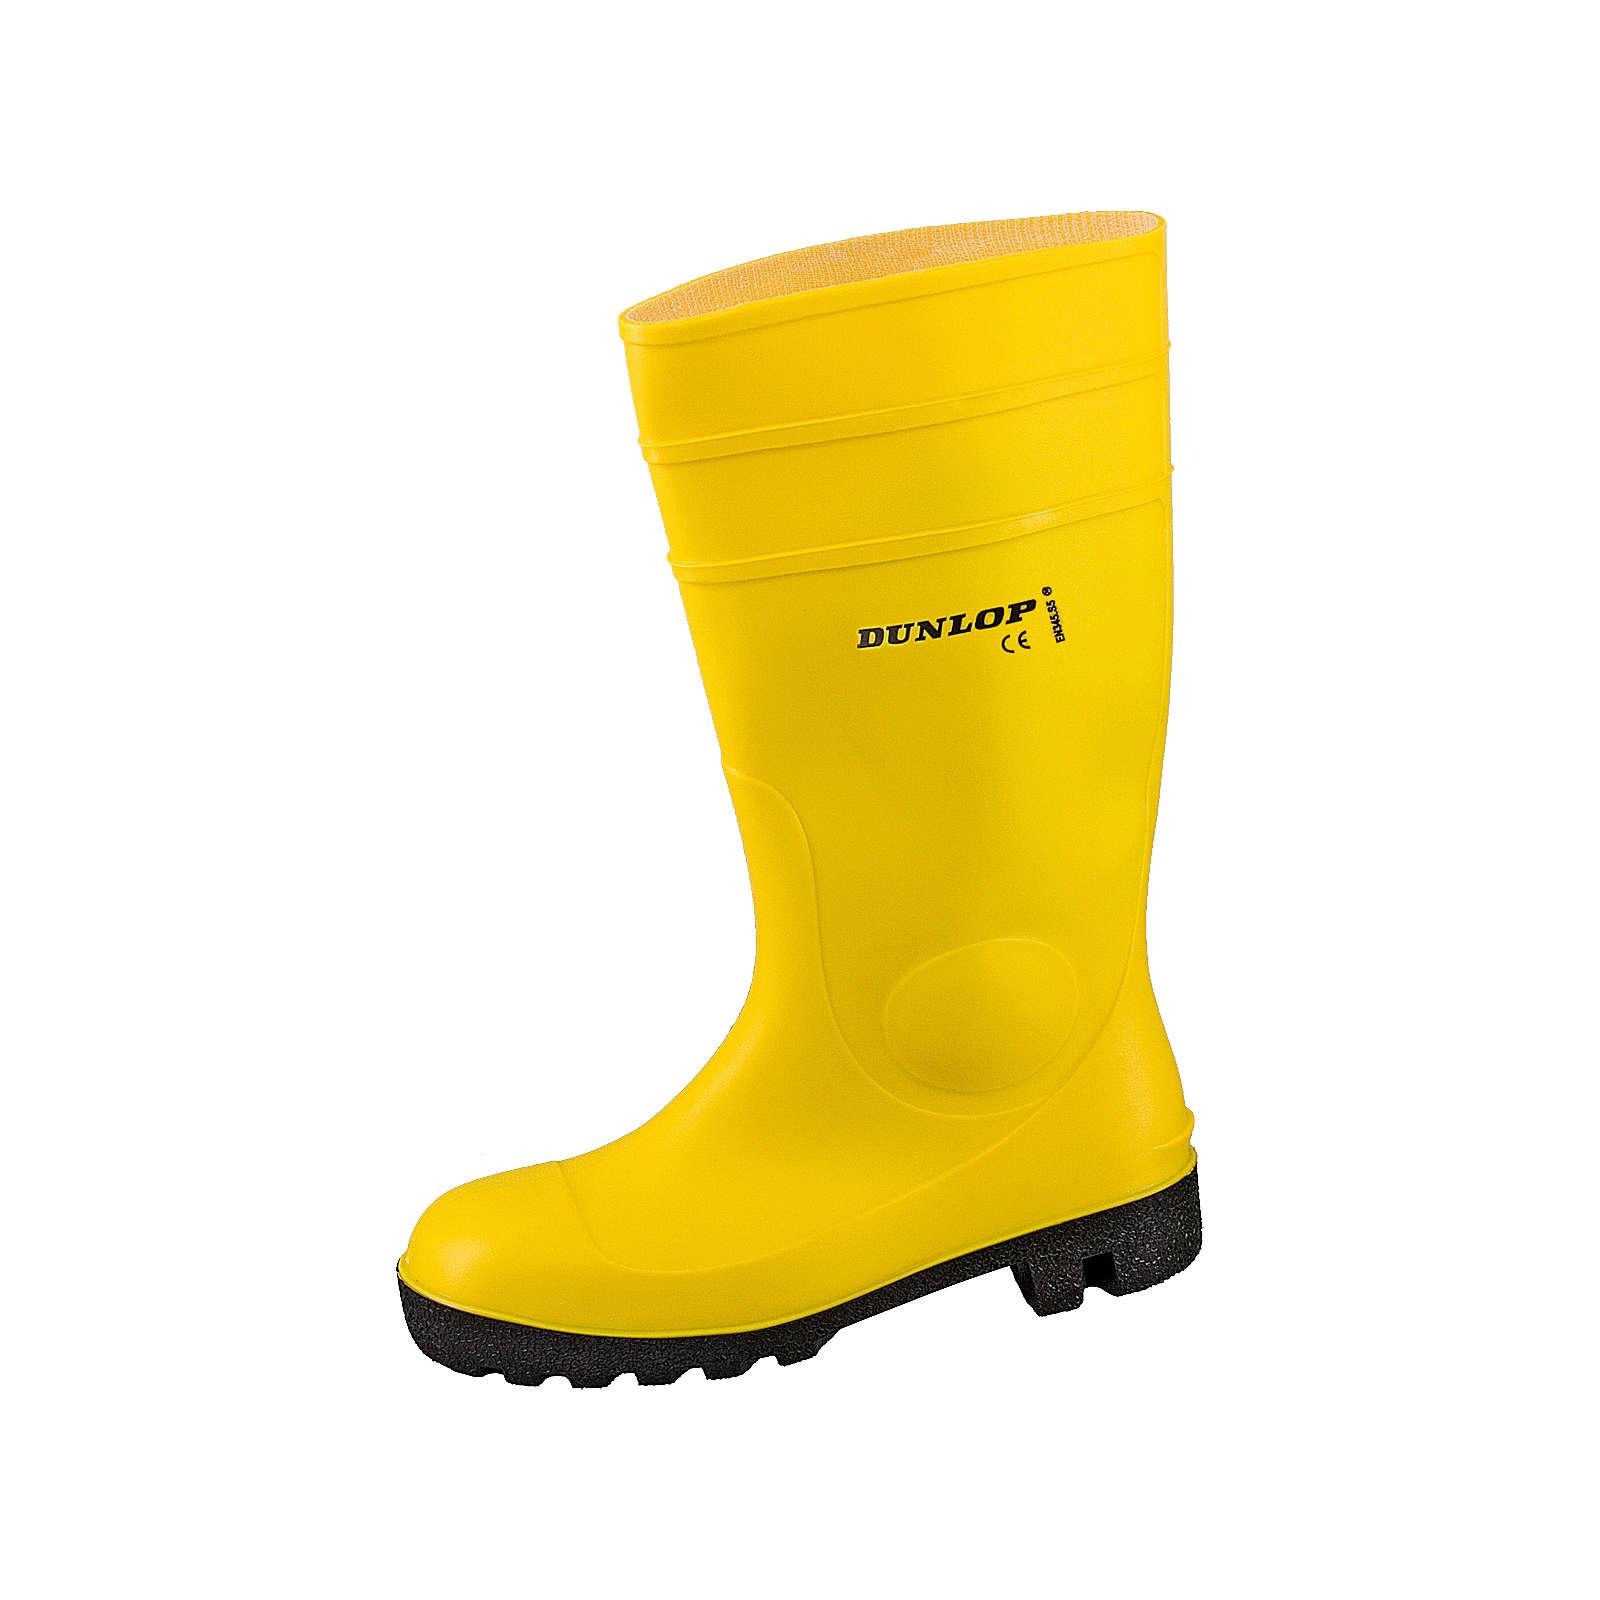 Dunlop Sicherheitsstiefel Protomastor gelb Gr. 45